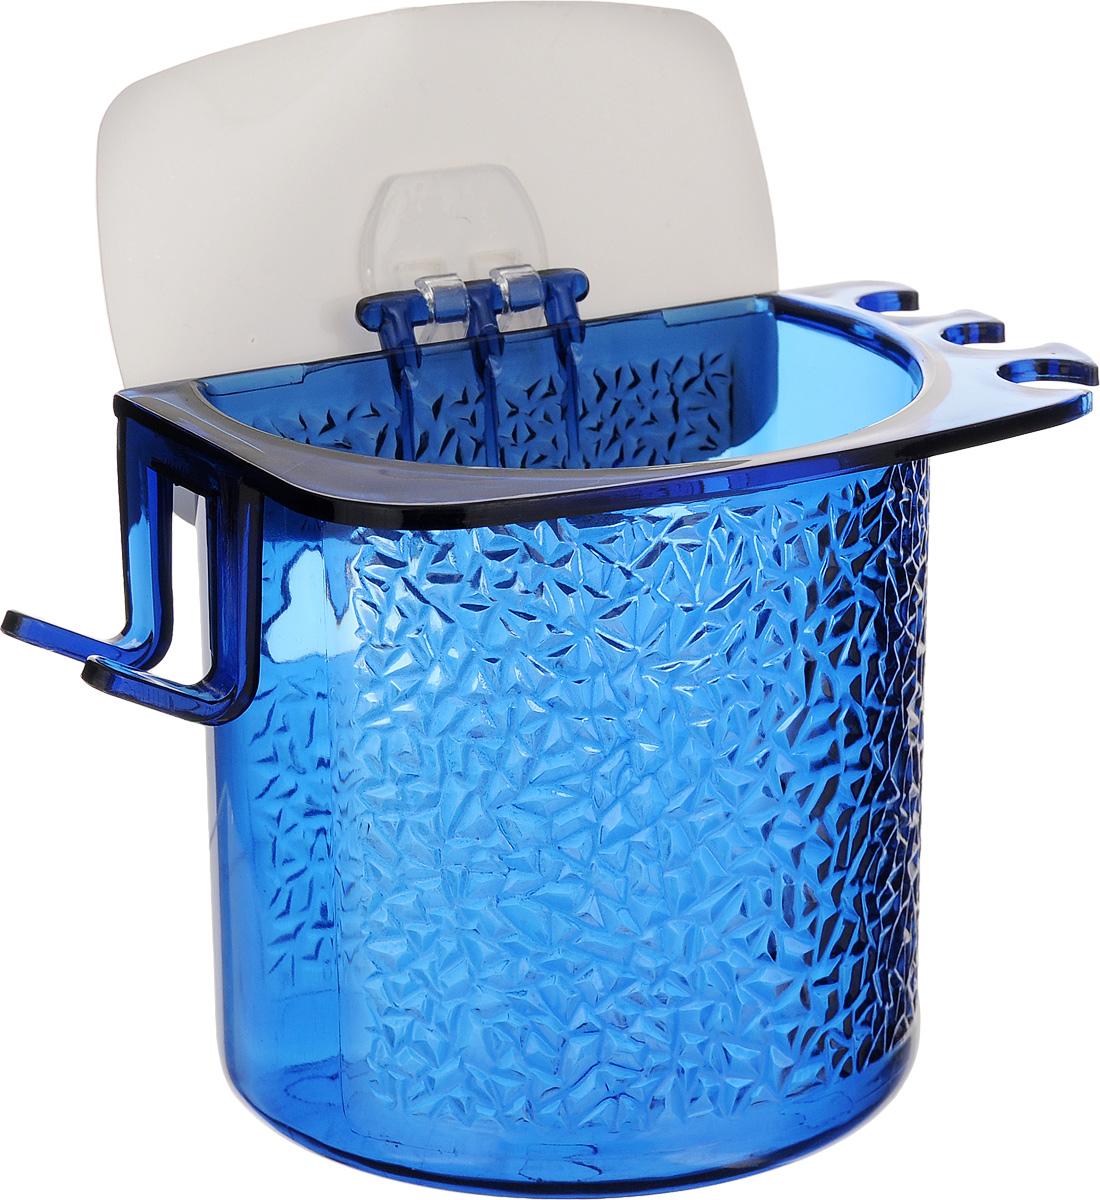 Стакан для ванной Fresh Code, на липкой основе, цвет: синий64945_синийСтакан для ванной комнаты Fresh Codeвыполнен из ABS пластика. Крепление налипкой основе многократного использованияидеально подходит для гладкой поверхности. Соборотной стороны изделие оснащено двумяотверстиями для удобногоразмещения на стене. В стакане удобно хранить зубные щетки, пасту идругие принадлежности.Аксессуары для ванной комнаты Fresh Codeстильно украсят интерьер и добавят в обычнуюобстановку яркие и модные акценты. Стаканидеально подойдет к любому стилю ваннойкомнаты.